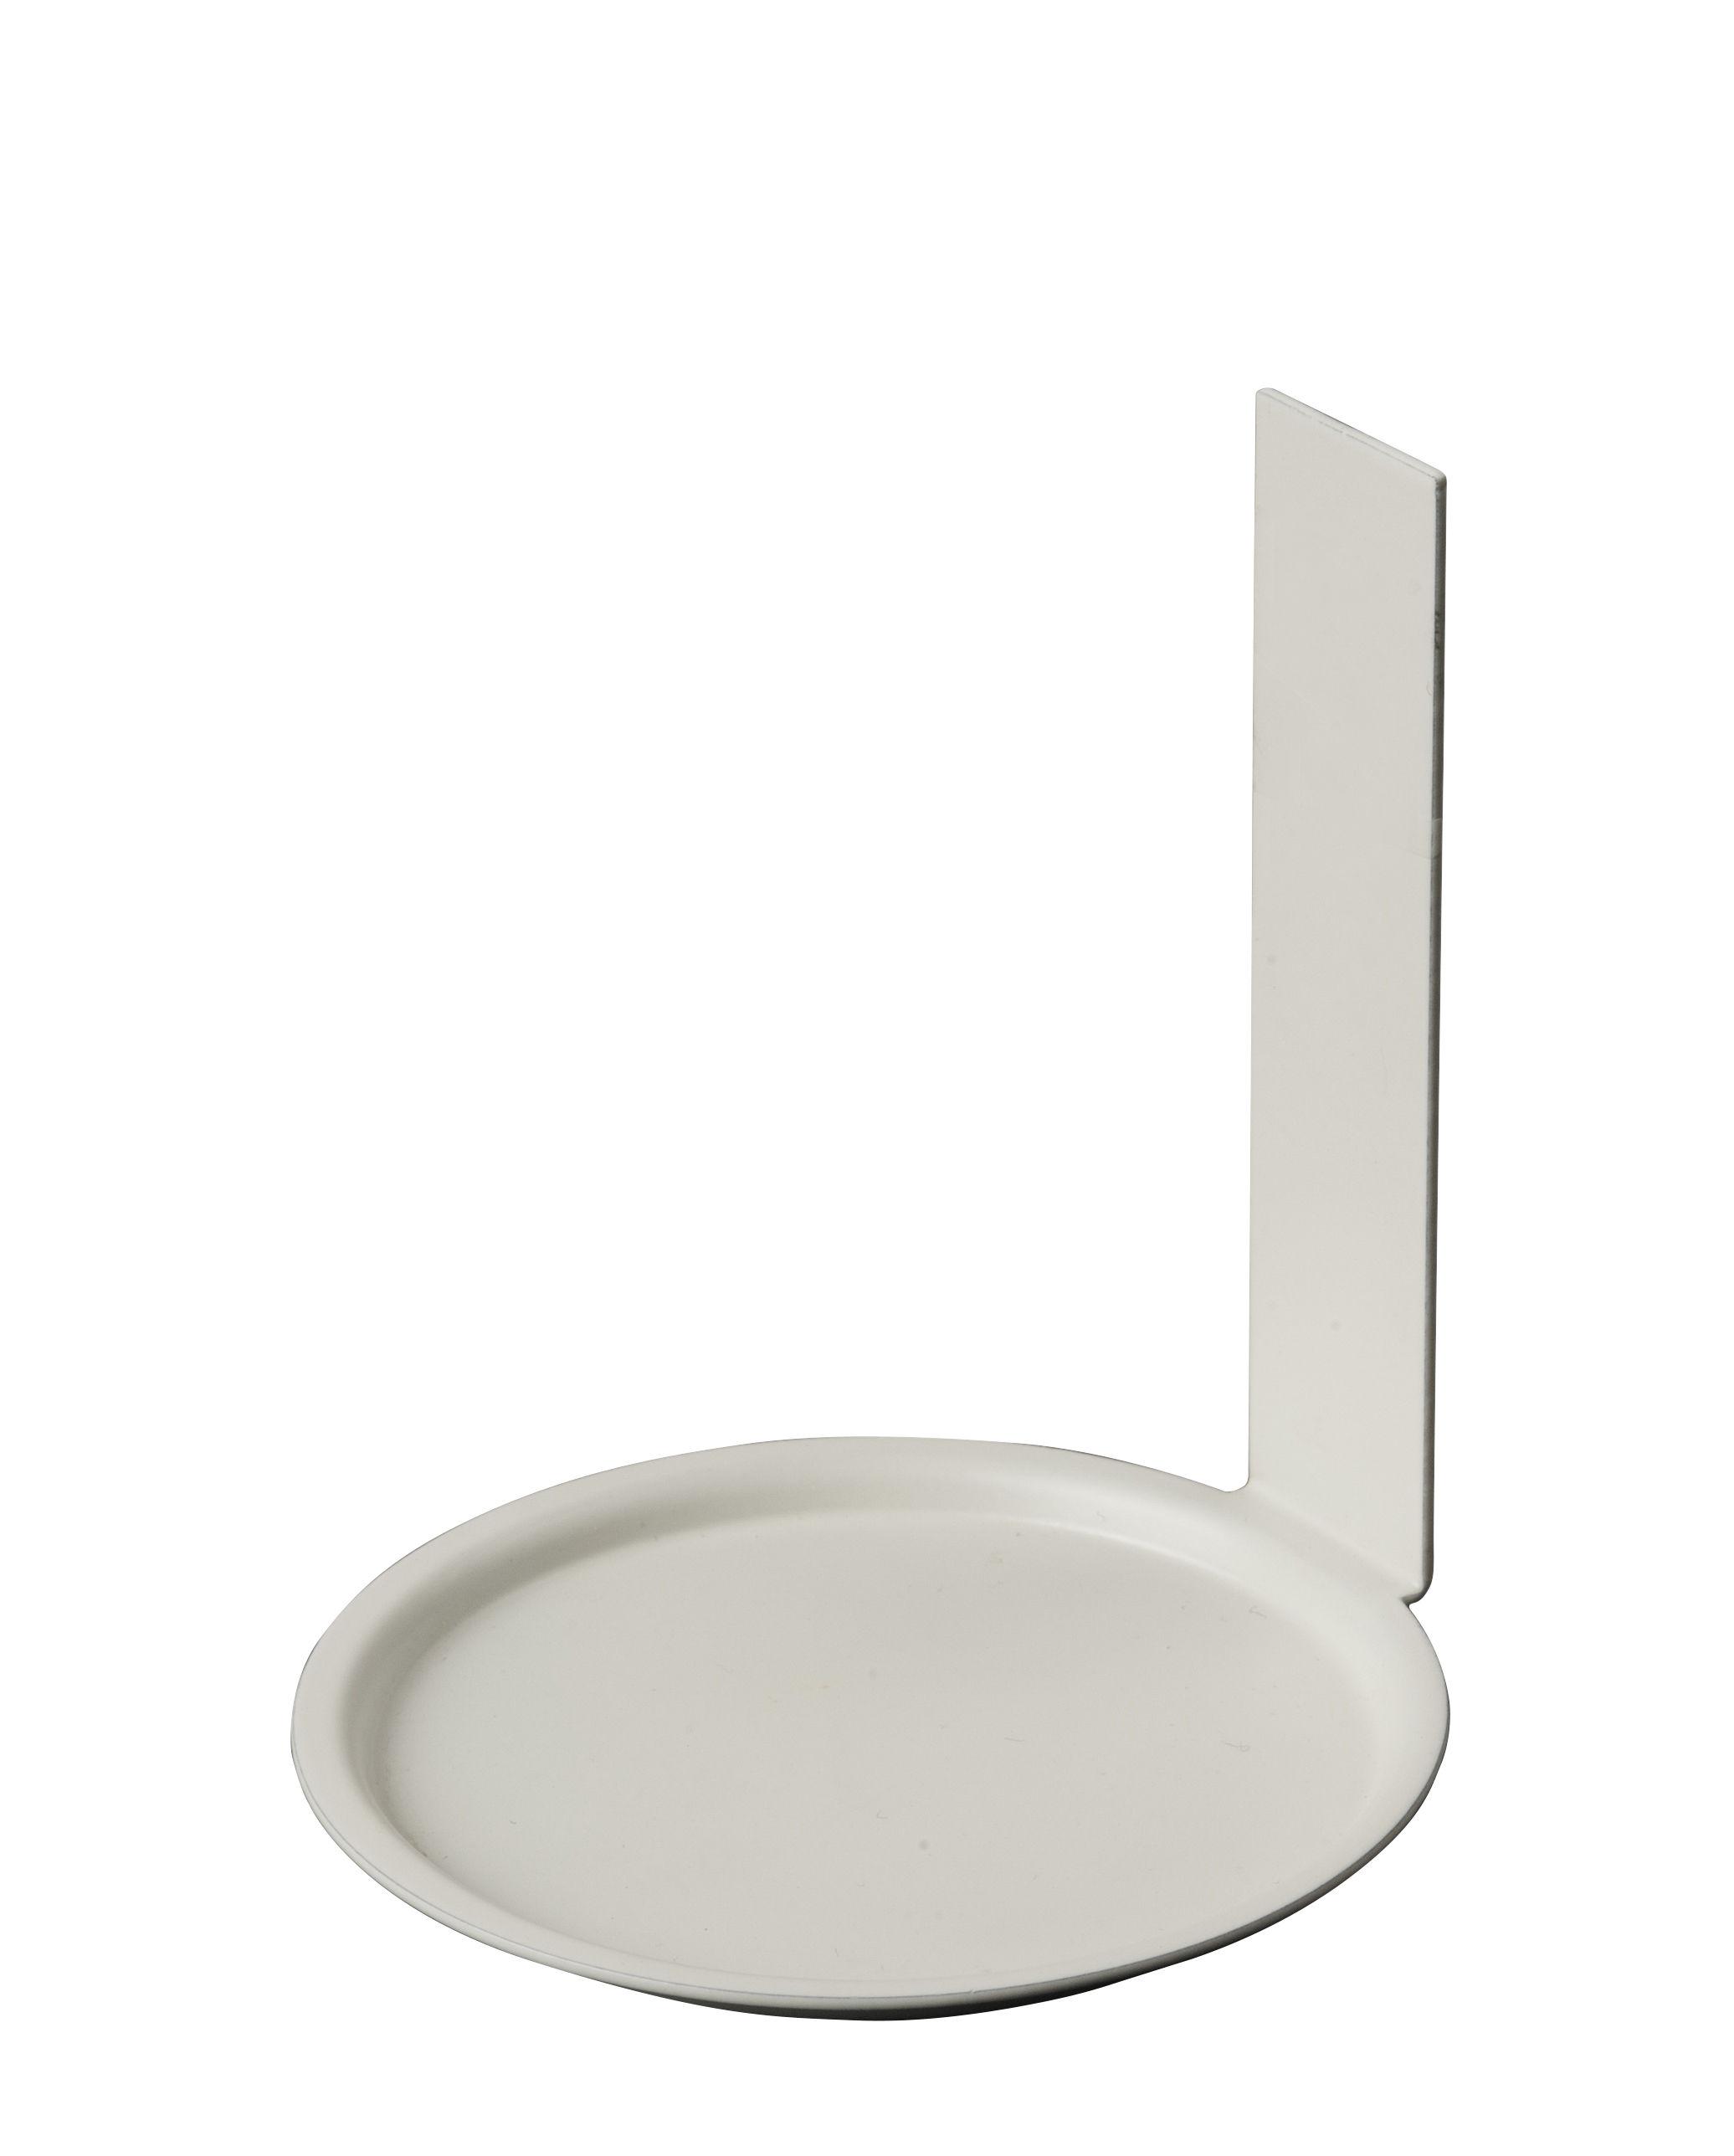 """Möbel - Regale und Bücherregale - Cup up Wandhalter / für den Becher """"Arne Jacobsen"""" - Design Letters - Weiß - rostfreier Stahl"""